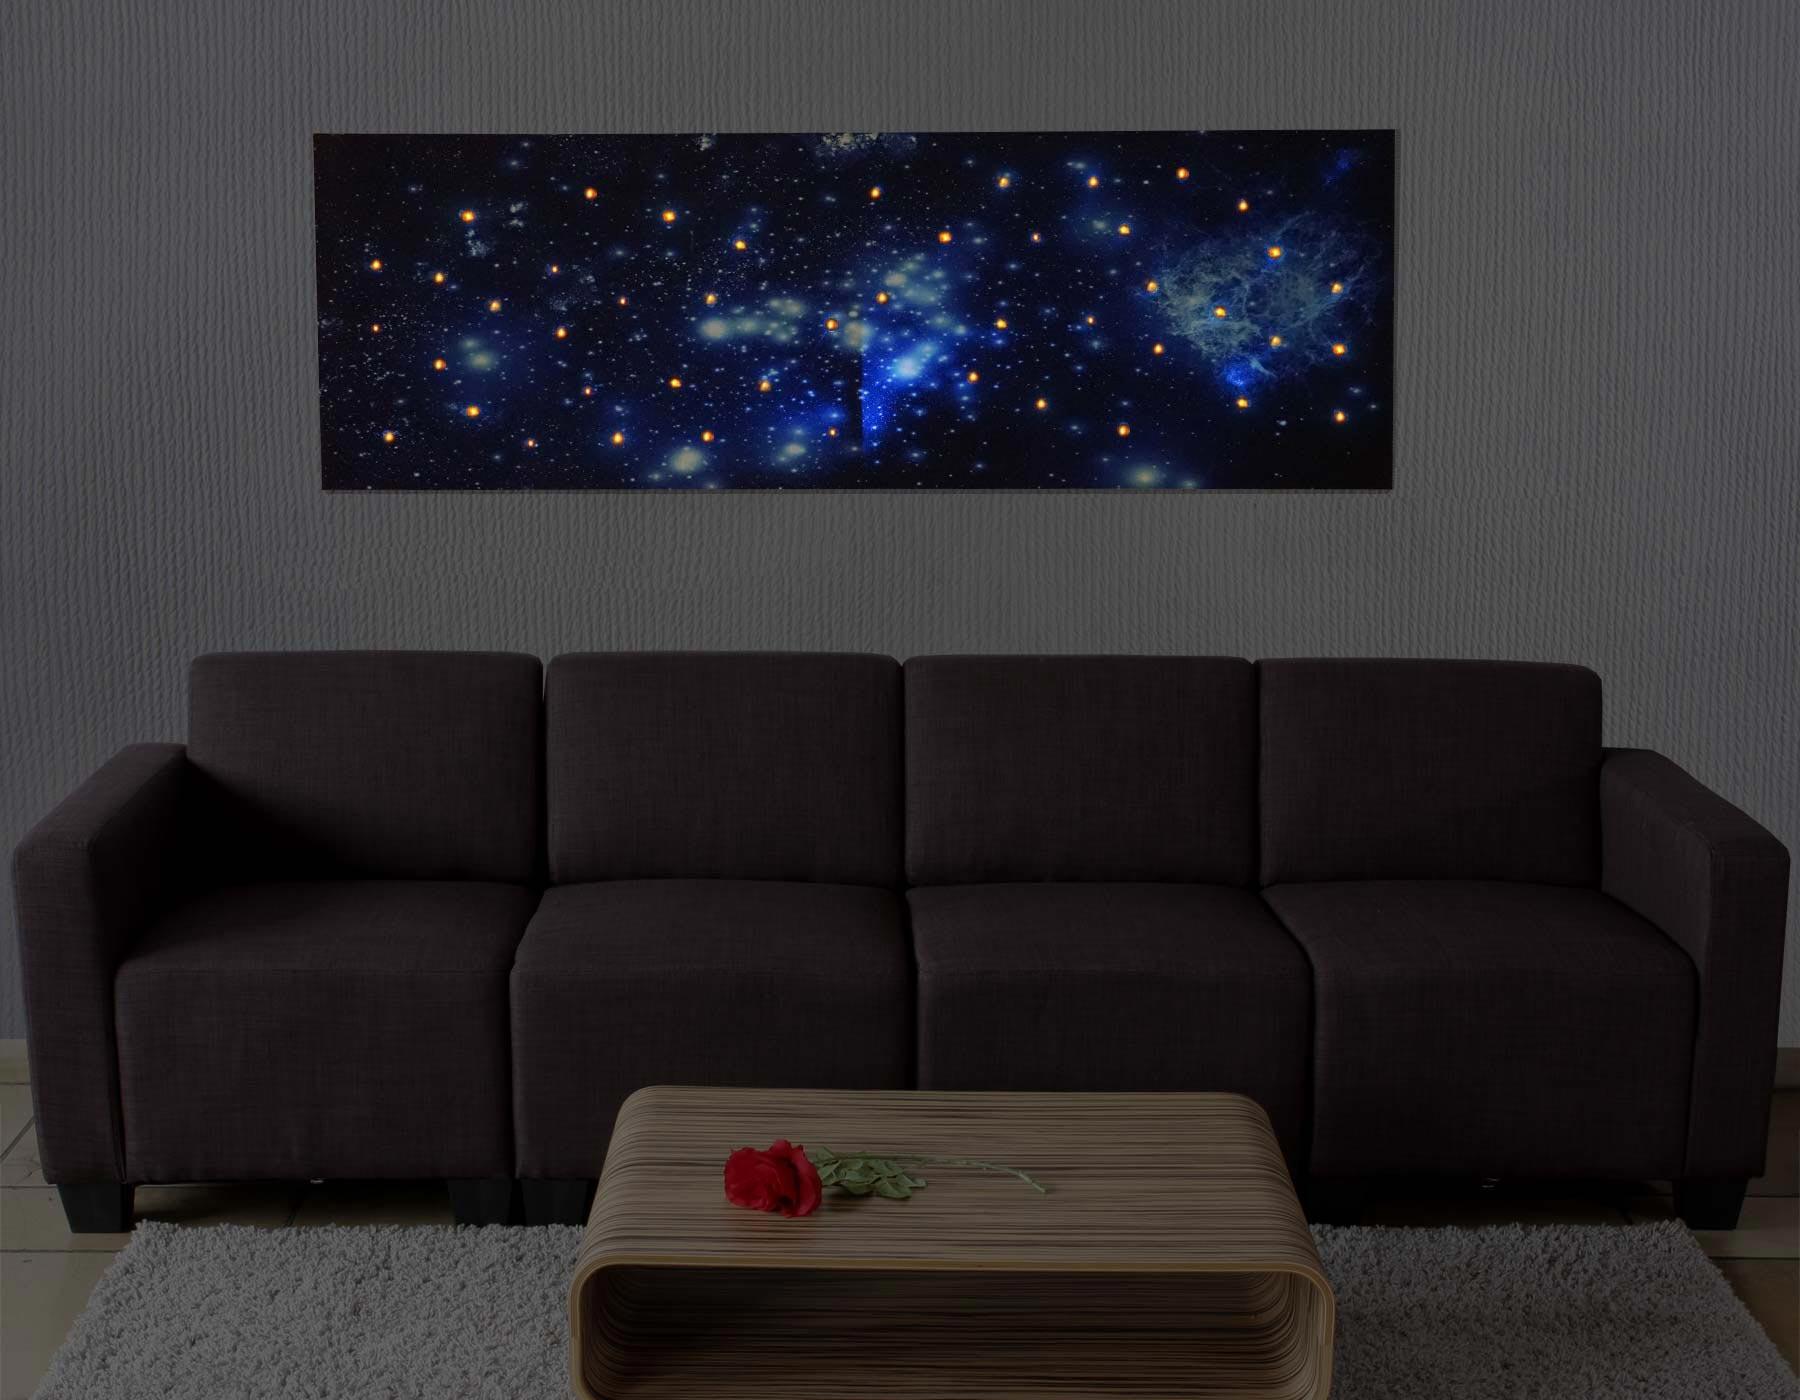 Cuadro led universo con iluminaci n 40x120 cm cuadro - Iluminacion para cuadros ...